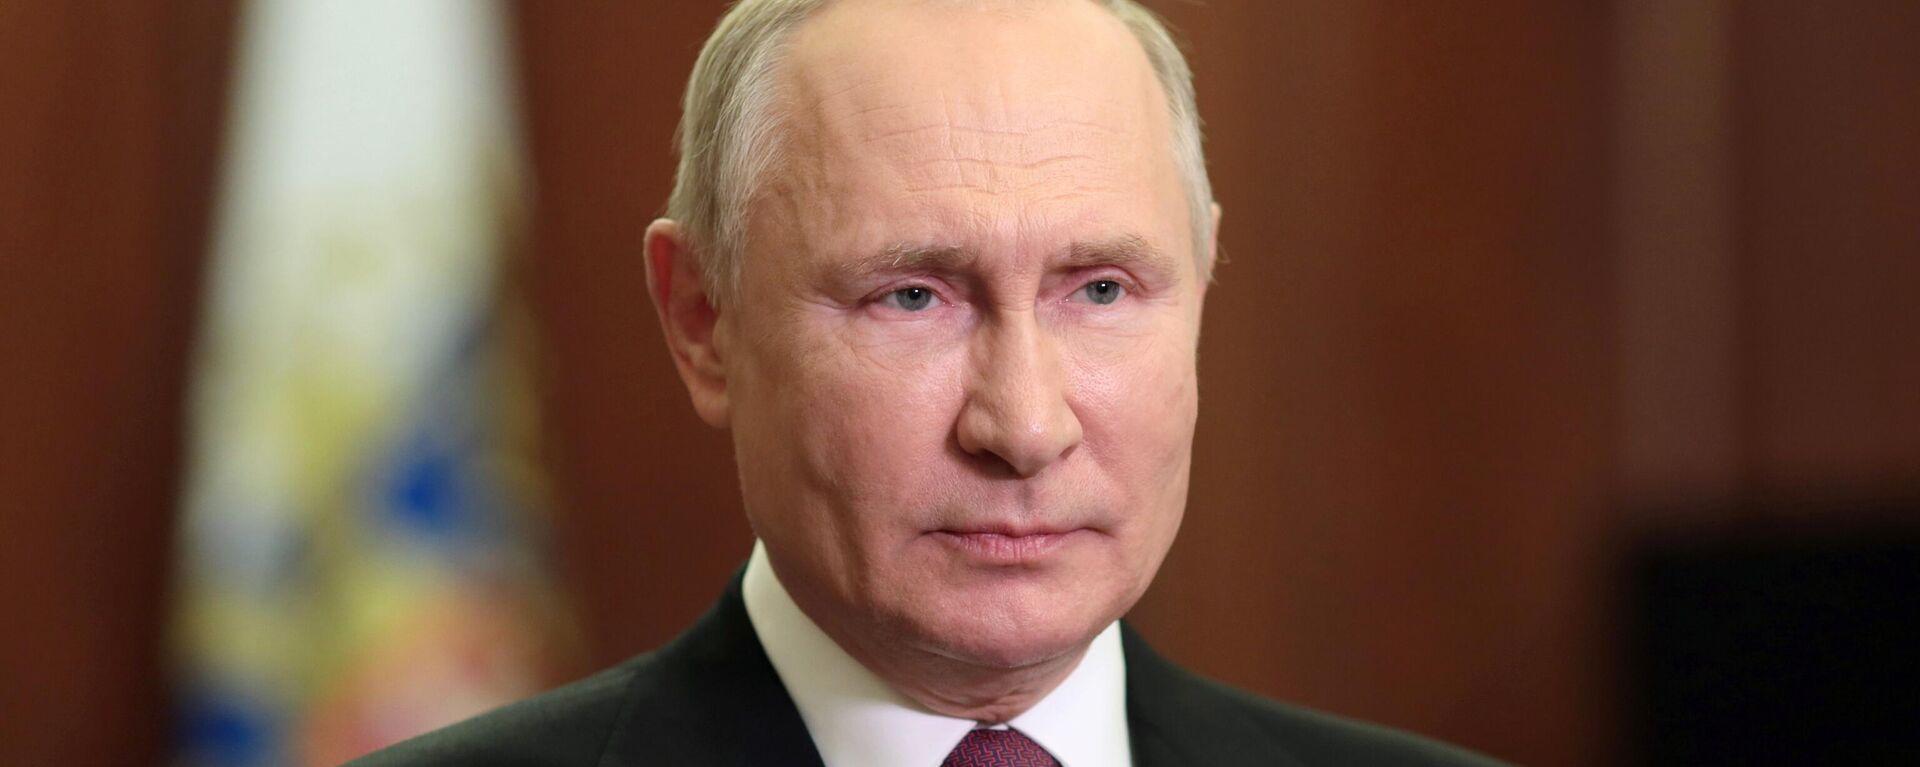 Президент РФ Владимир Путин - Sputnik Latvija, 1920, 07.10.2021